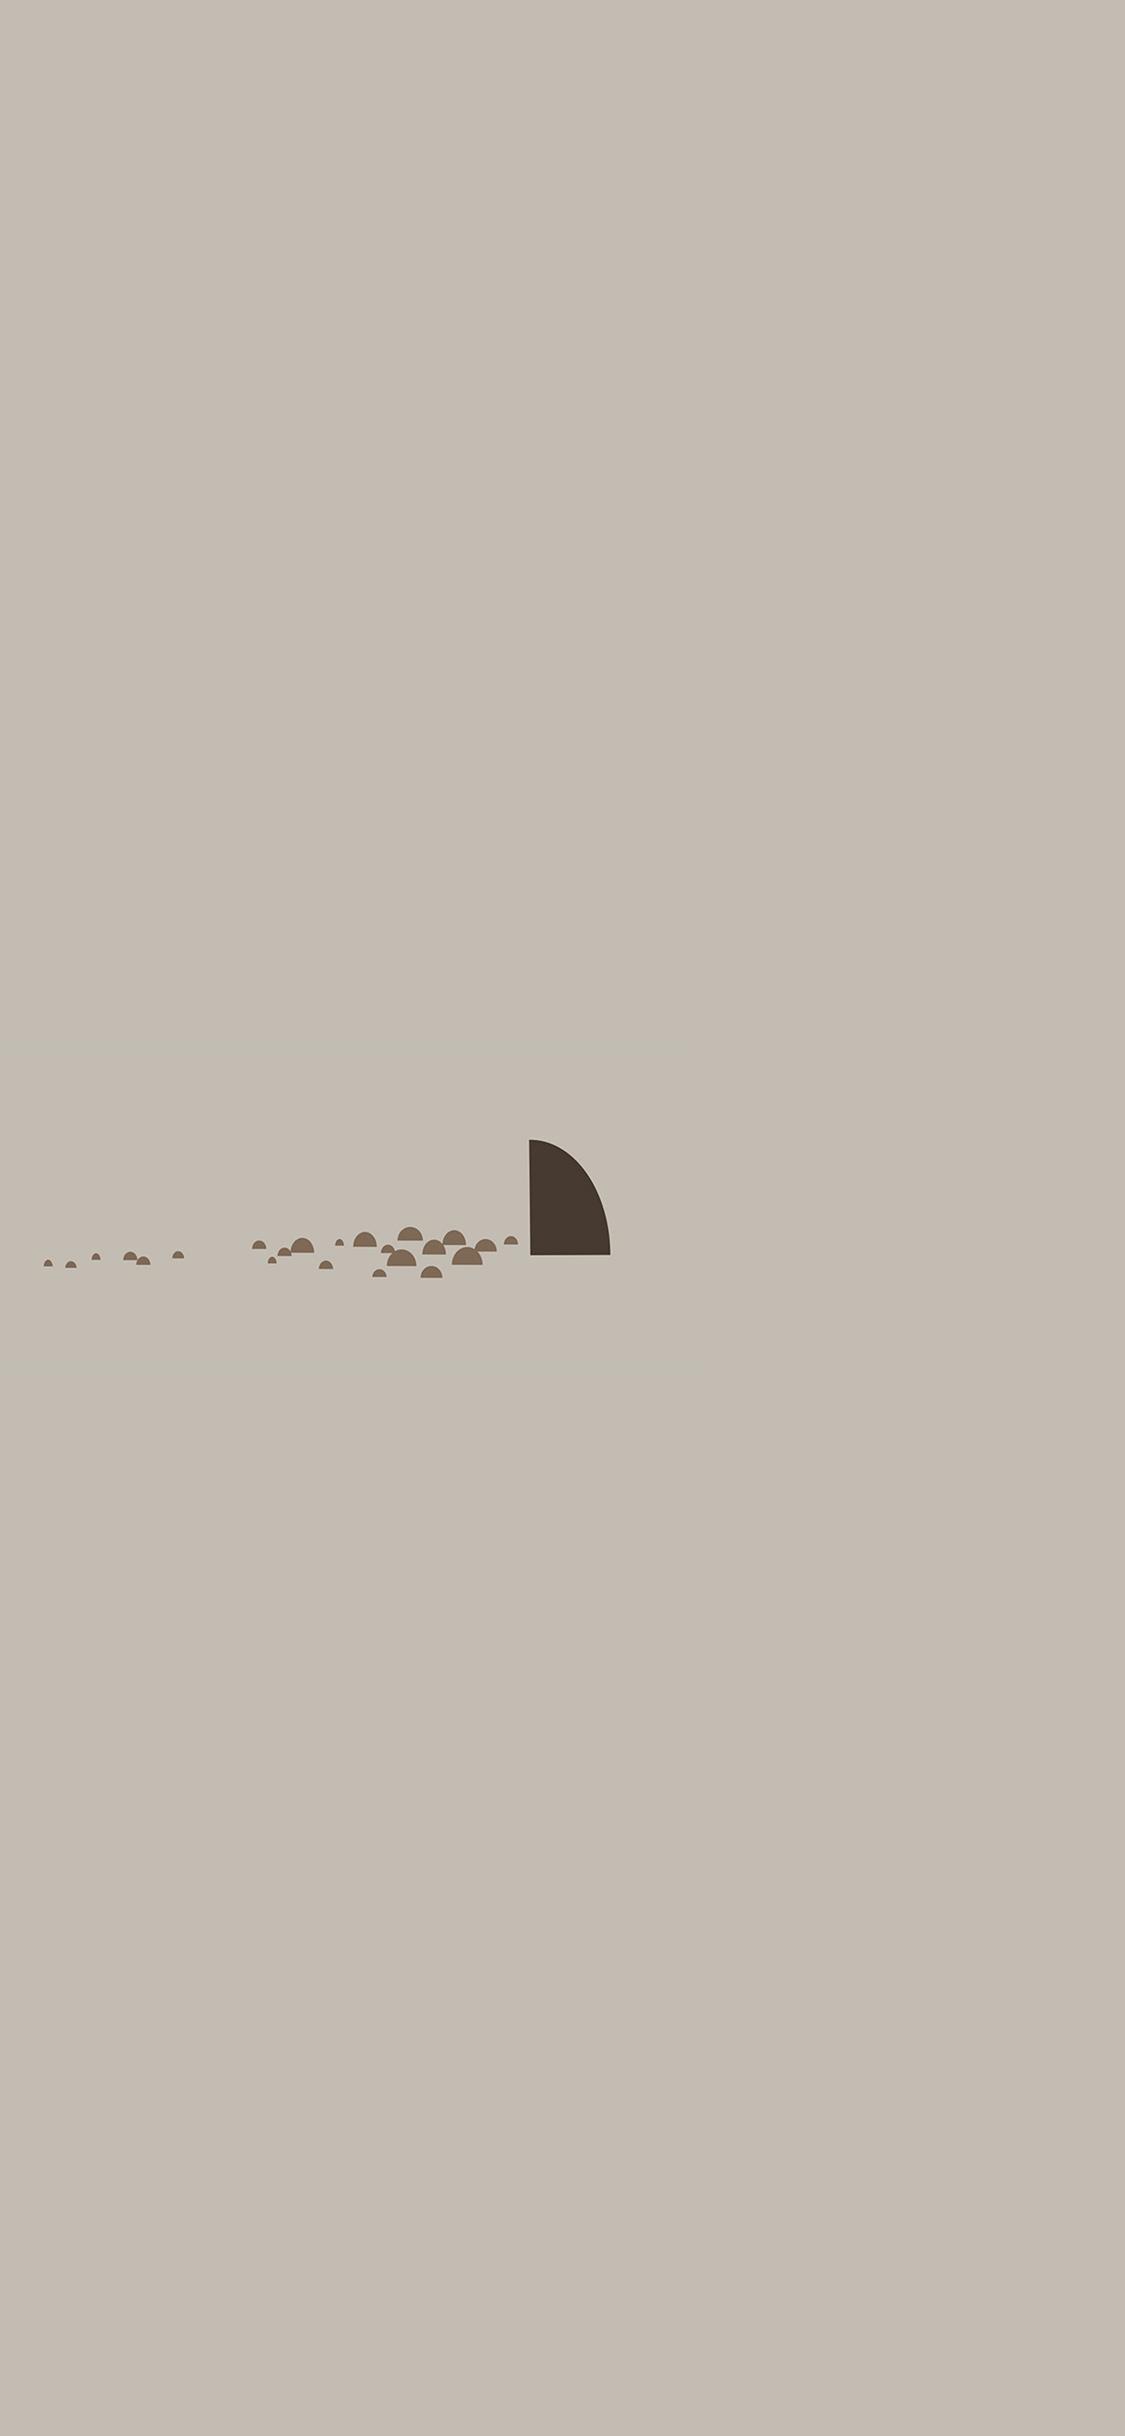 iPhoneXpapers.com-Apple-iPhone-wallpaper-an33-minimal-simple-shark-sea-illust-art-cute